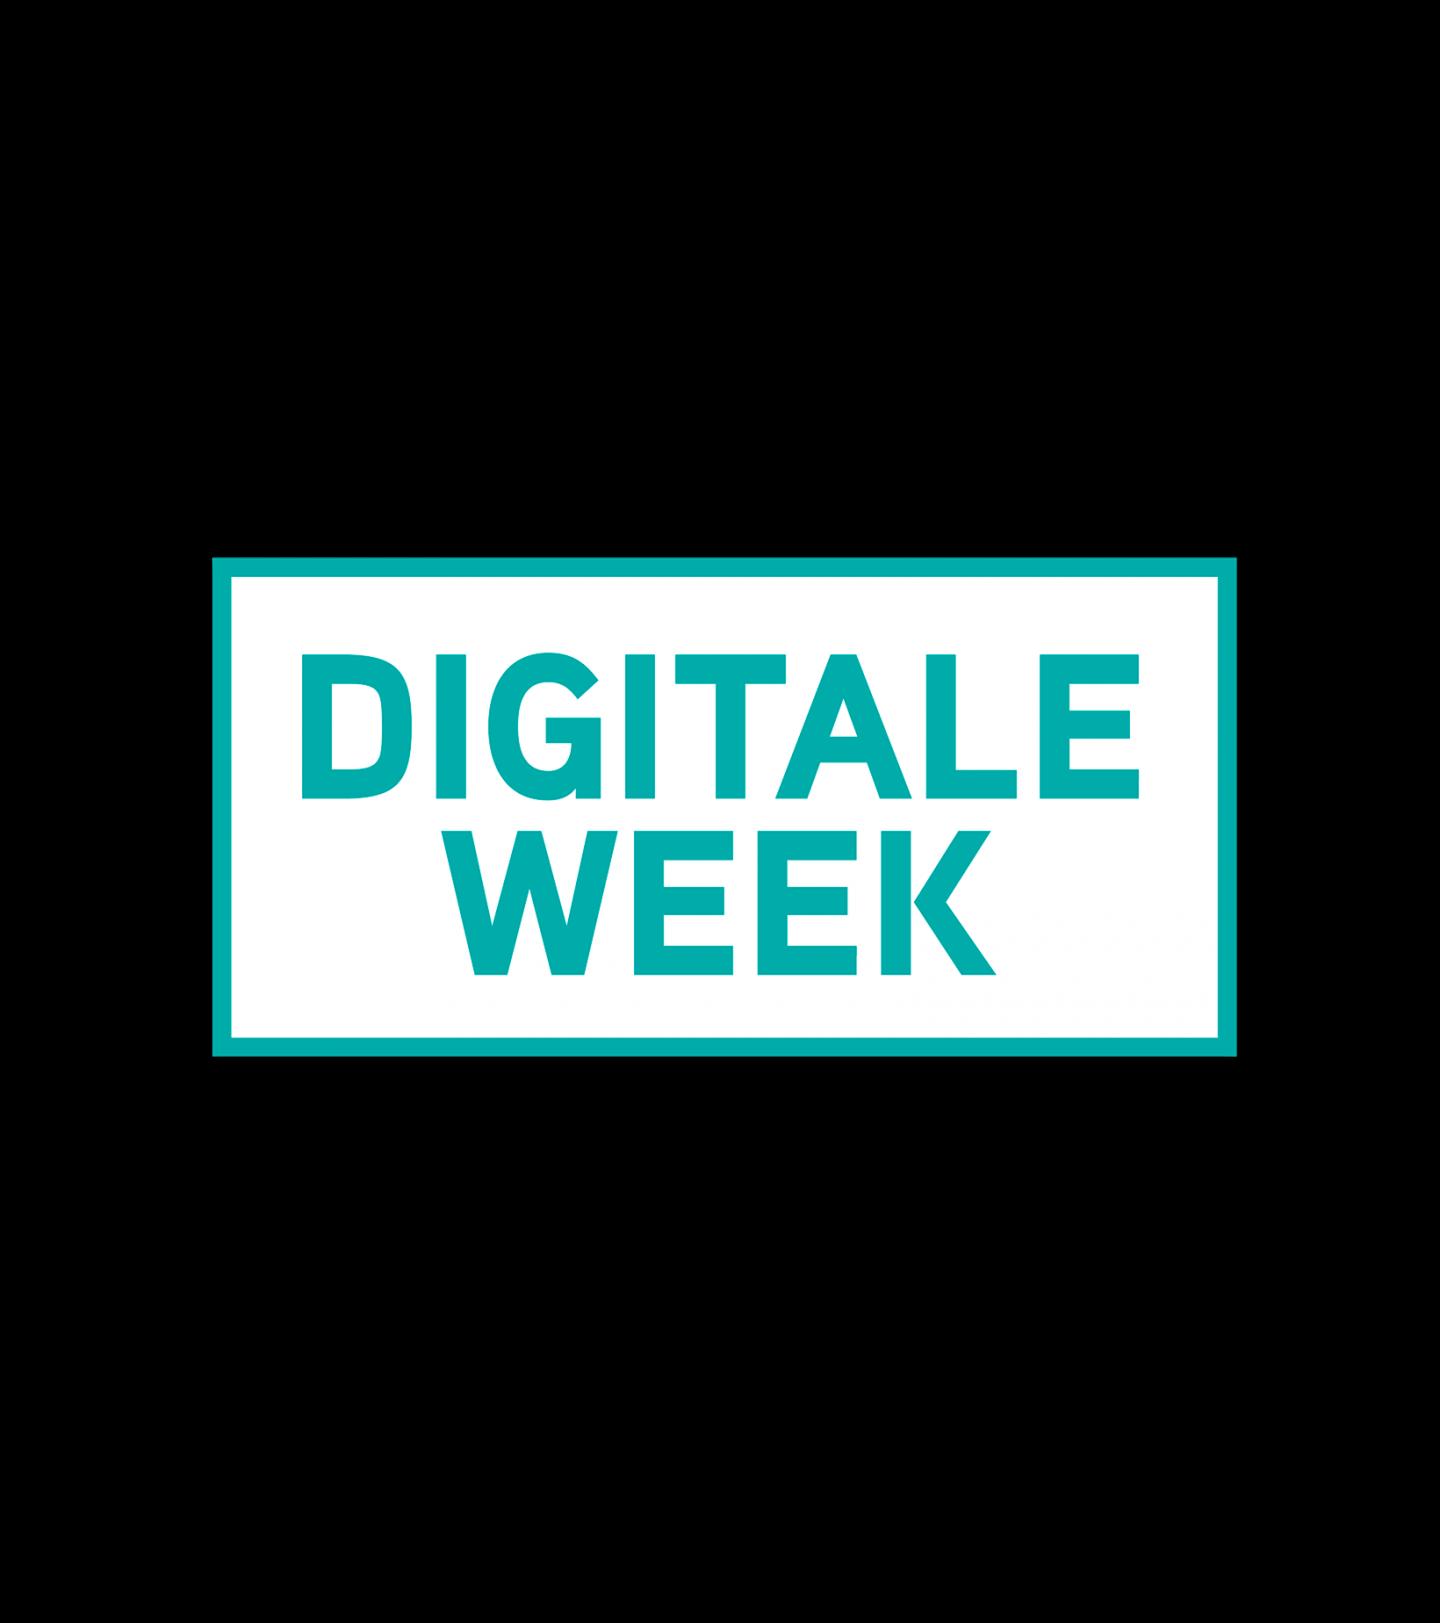 Het logo van Digitale Week